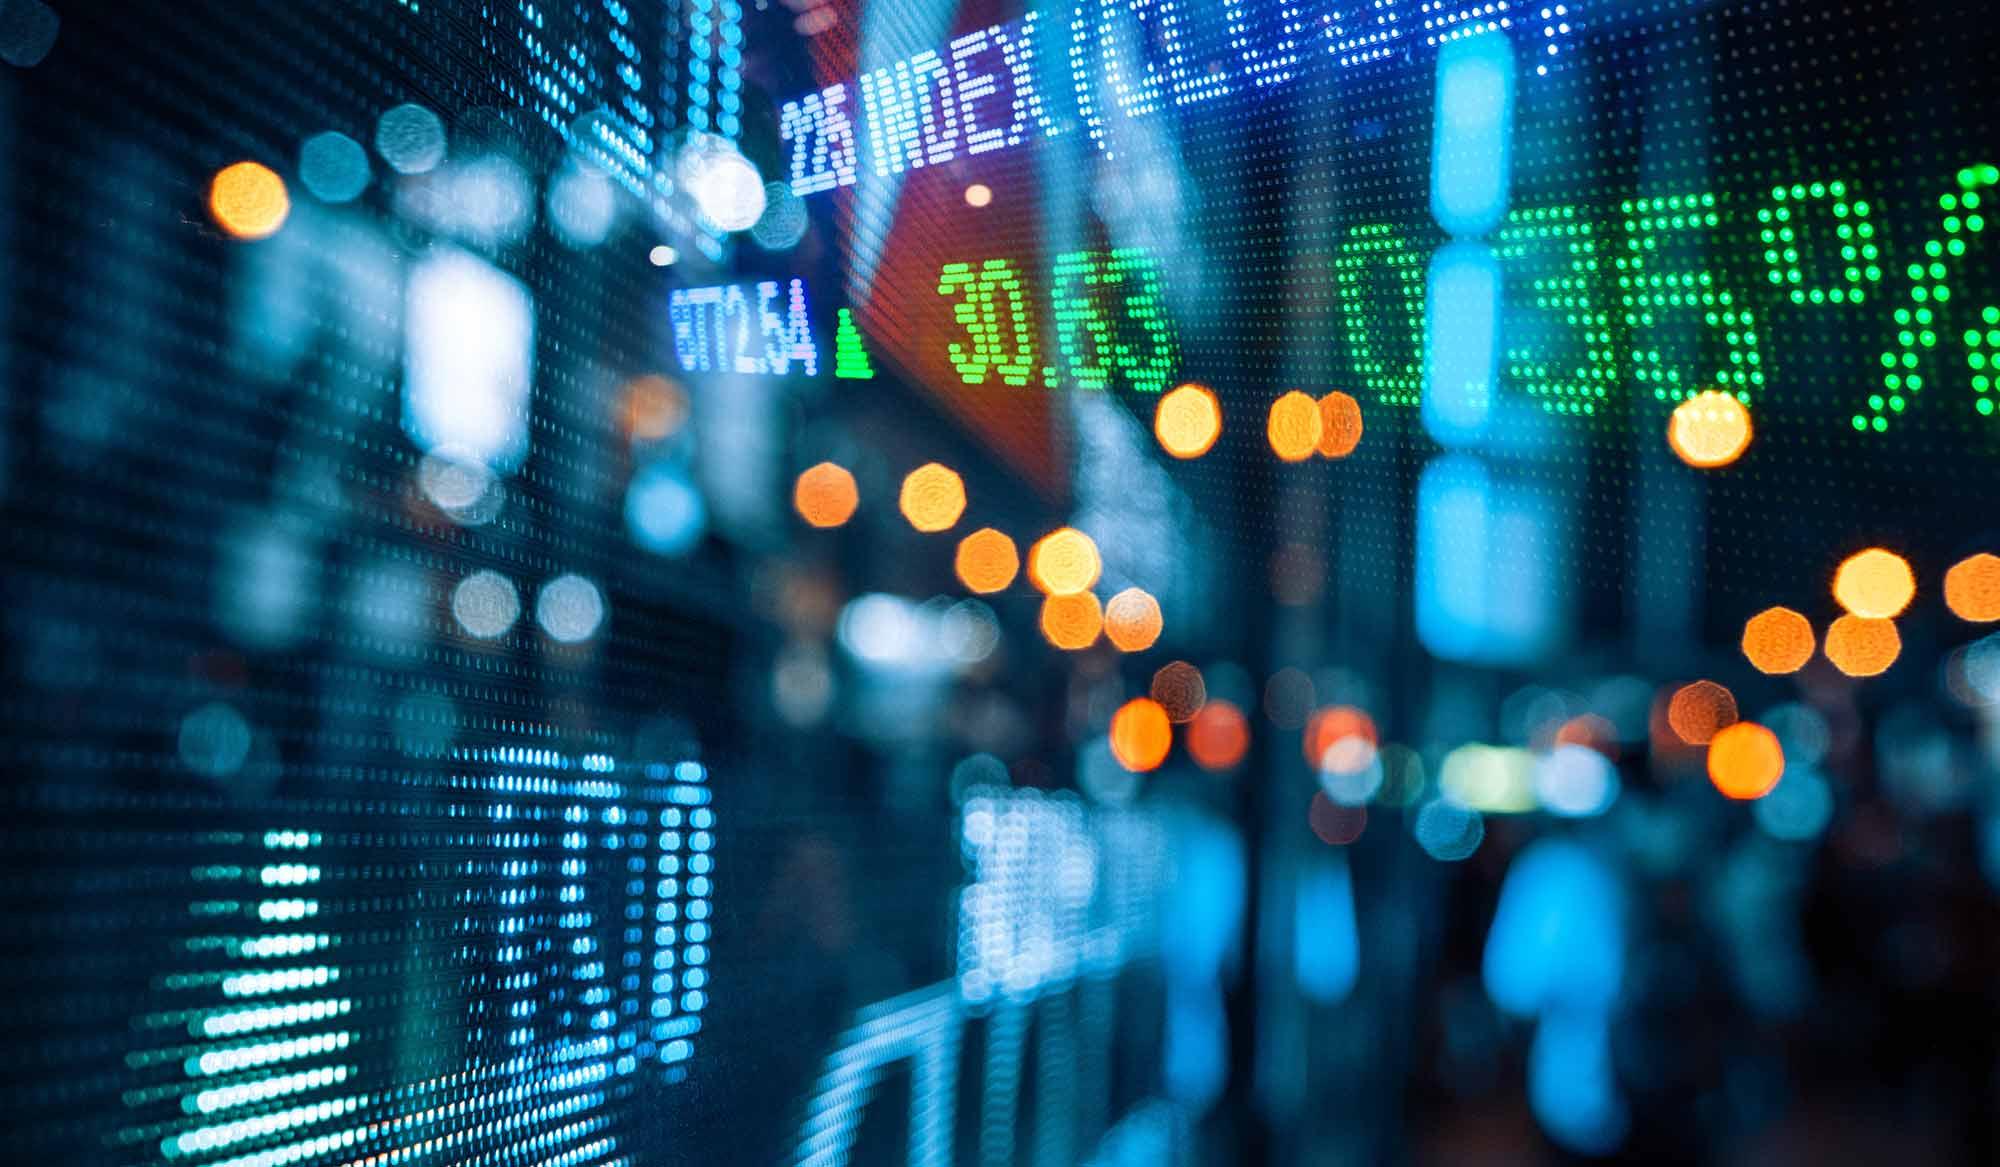 به نظر شما سرمایه گذاری در کدام بازار بیشترین سود را دارد؟ بورس، ارز، طلا، سکه یا مسکن؟